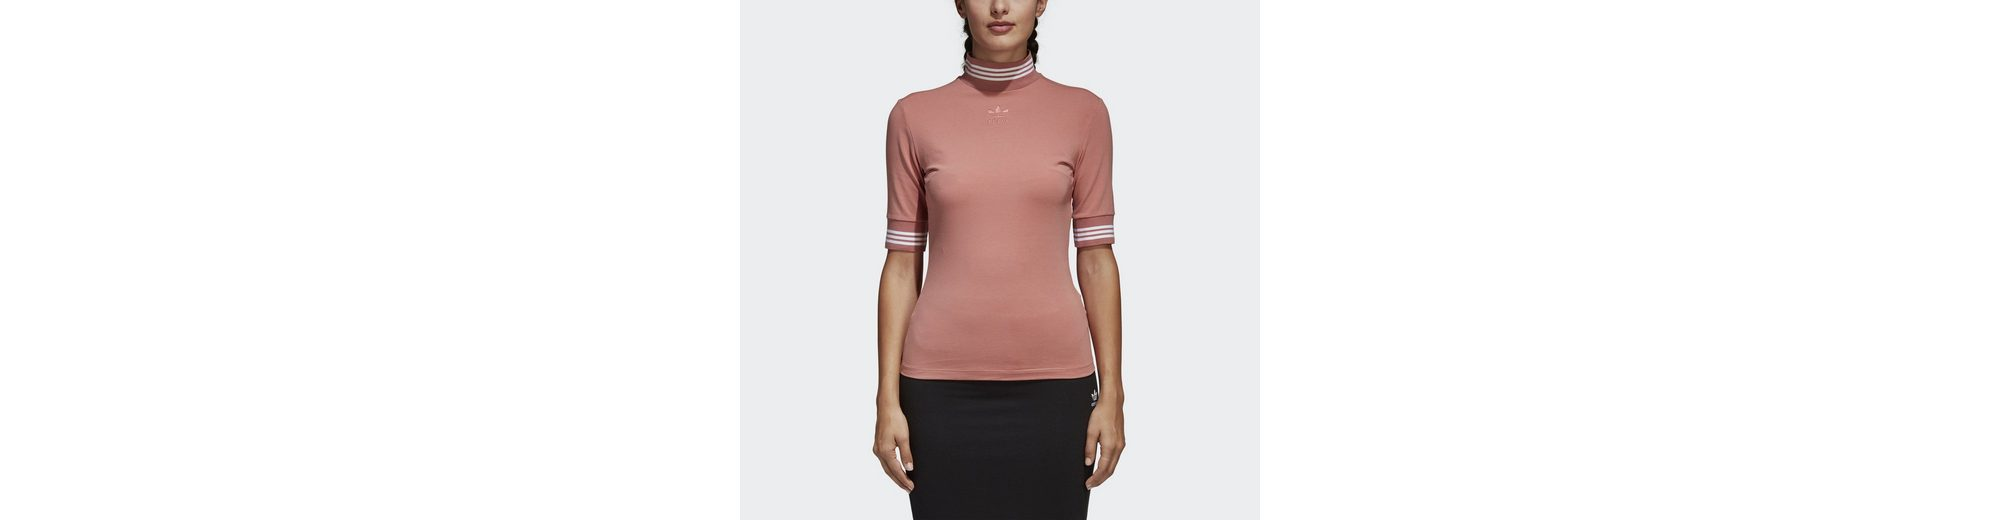 adidas Originals Sporttop T-Shirt Mit Kreditkarte Online R7Oq7hEzf